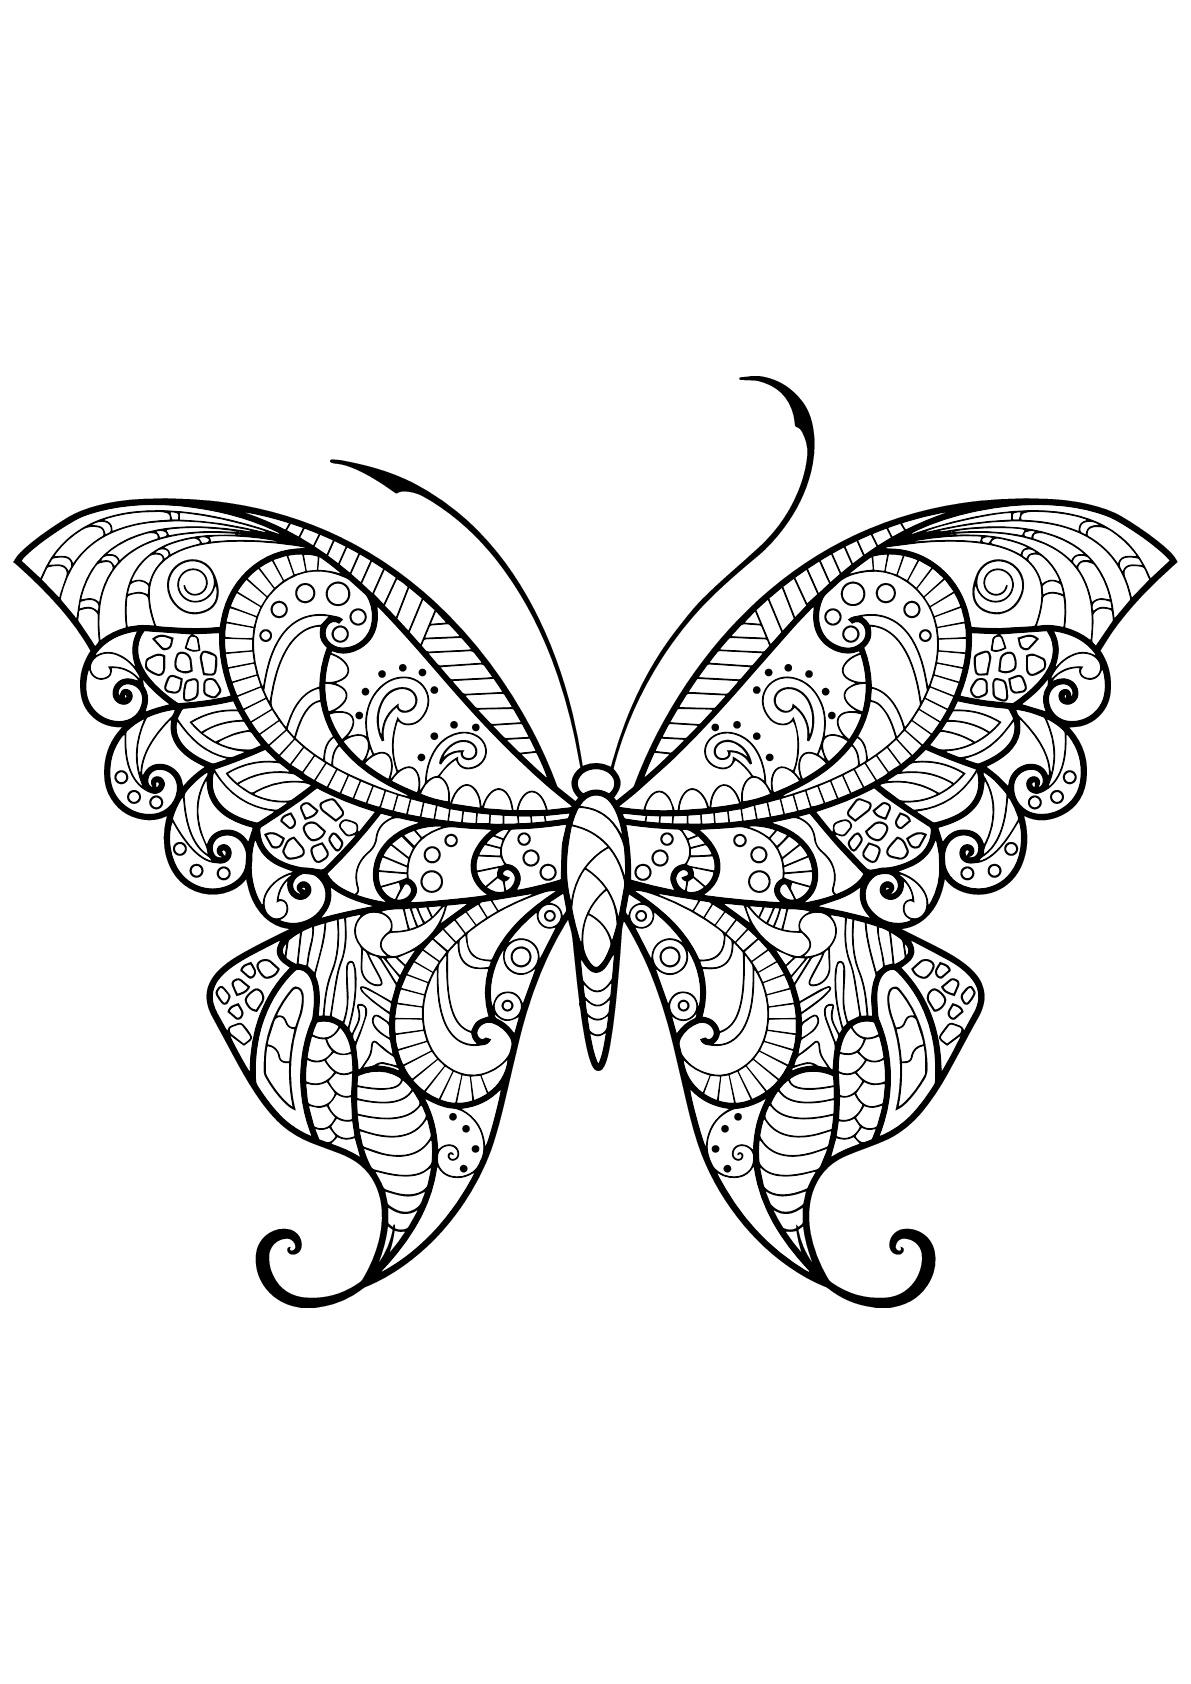 Colorear para adultos  : Insectos - 13